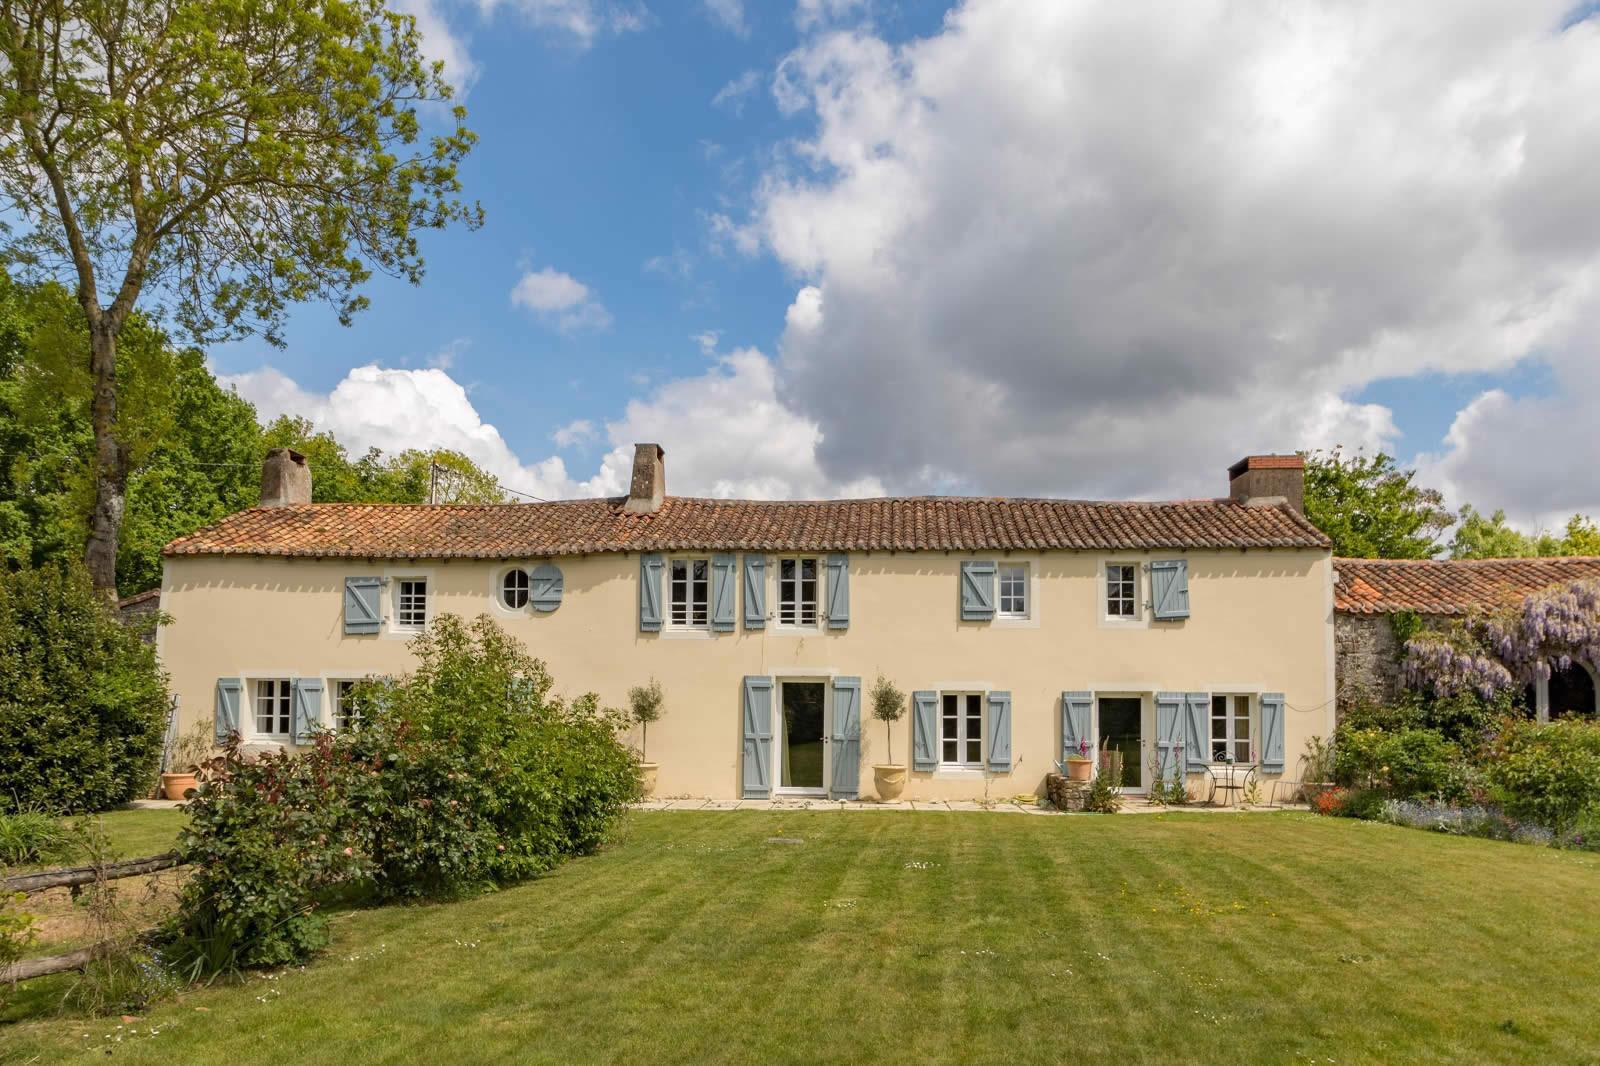 maison-a-vendre-vertou-piscine-cheminee-studio-ecurie-jardin